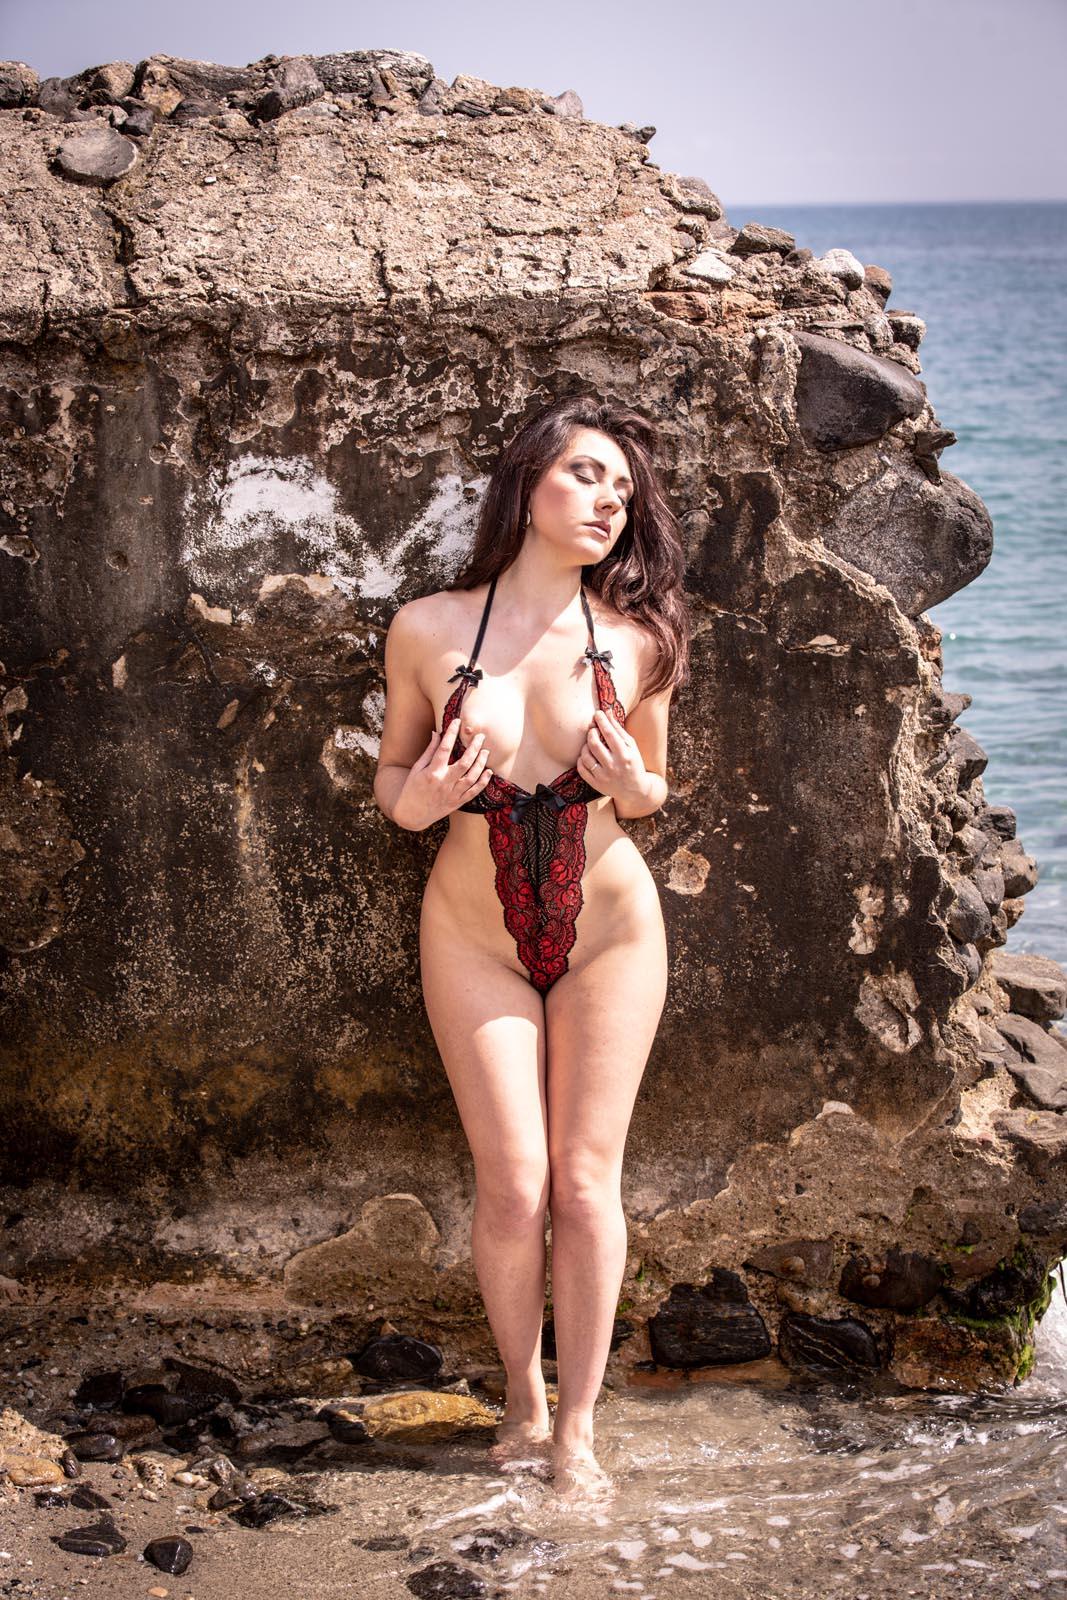 Antea_book_nudeart_Messina2